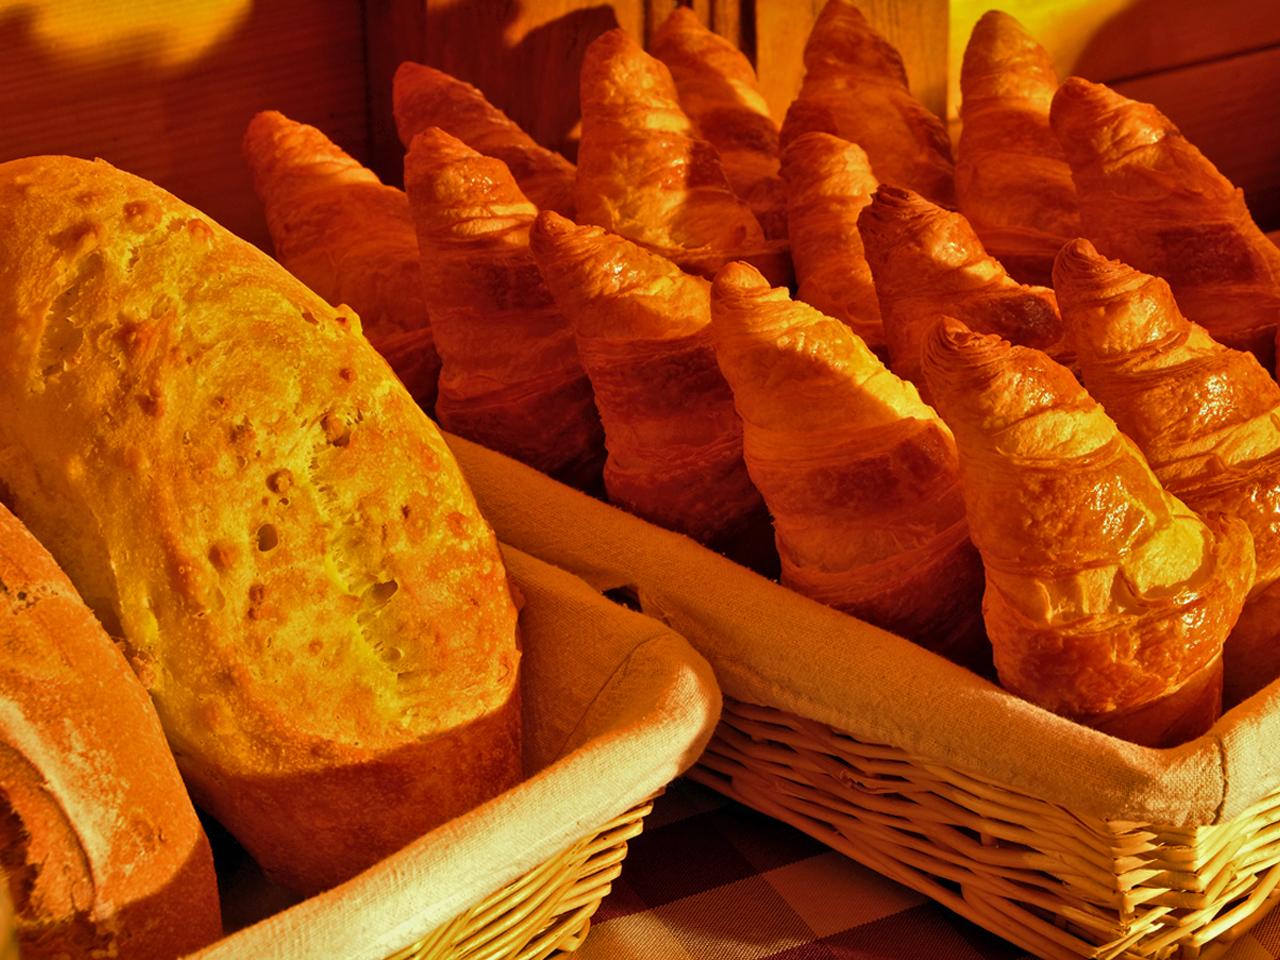 Ontbijt - Croissants en brood